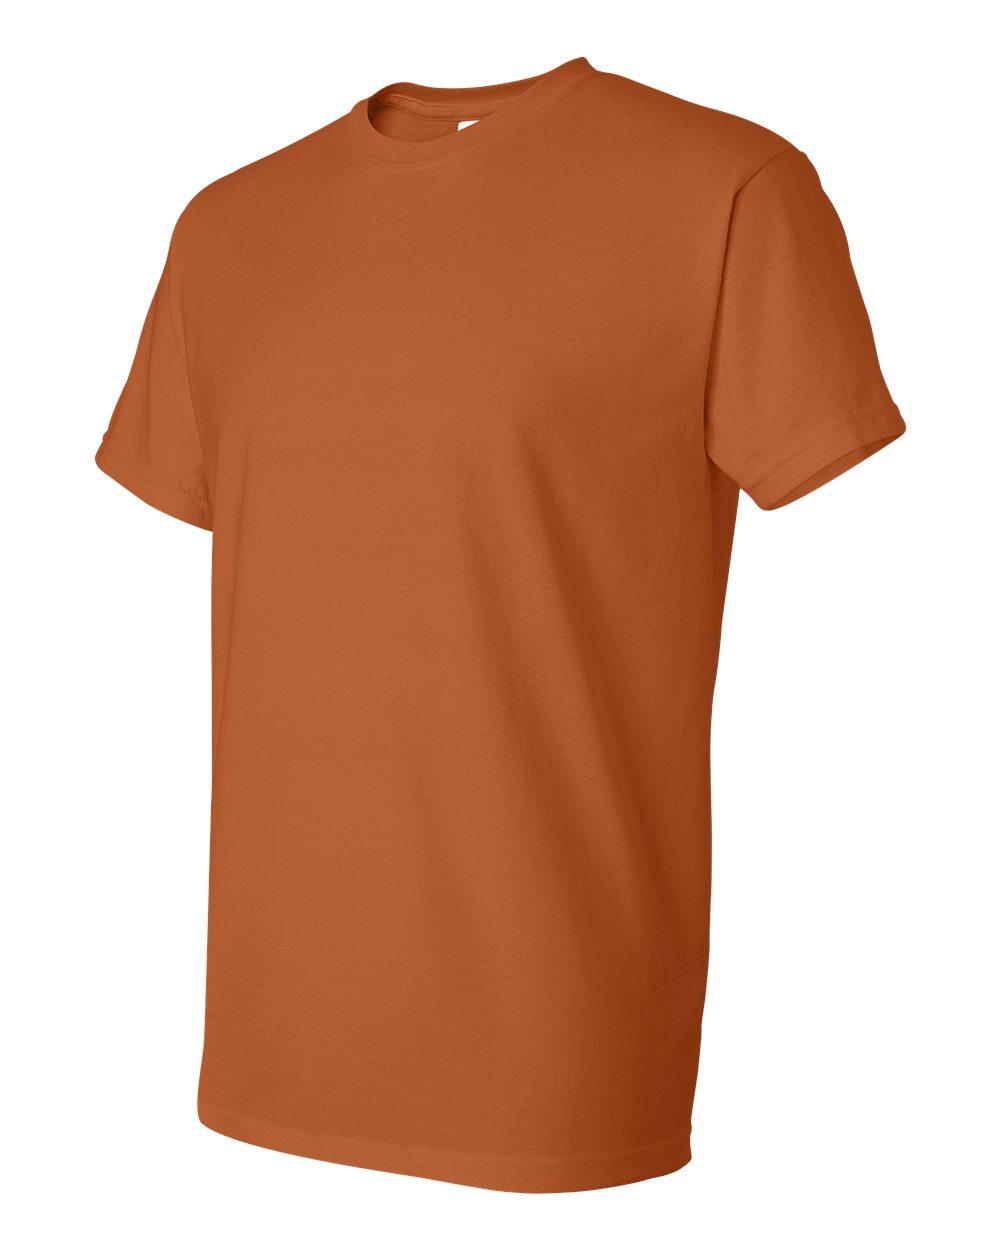 Gildan-Mens-DryBlend-5-6-oz-50-50-T-Shirt-G800-Size-S-5XL thumbnail 89